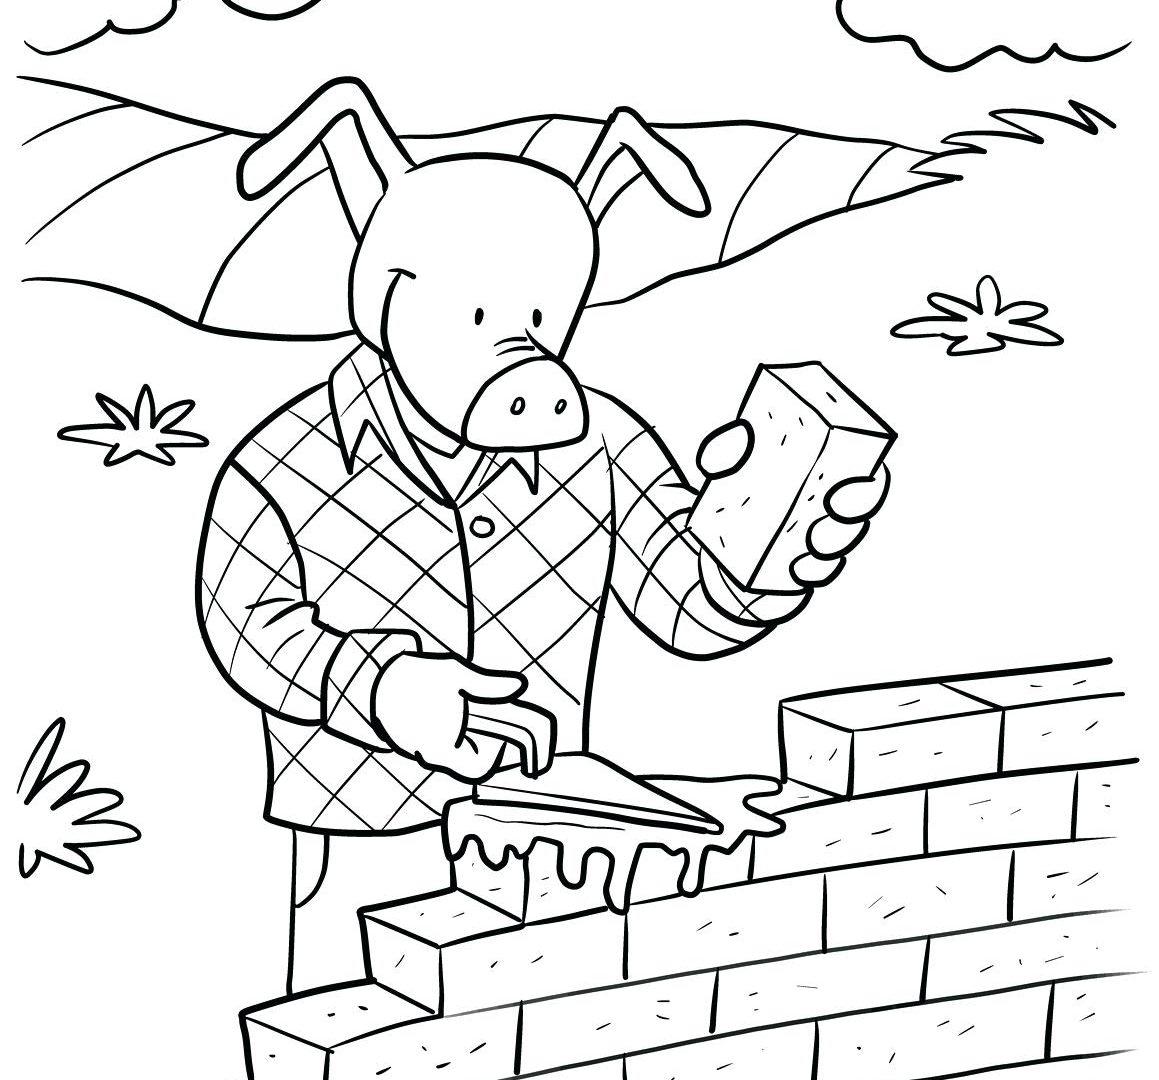 1159x1080 Brick Wall Coloring Page